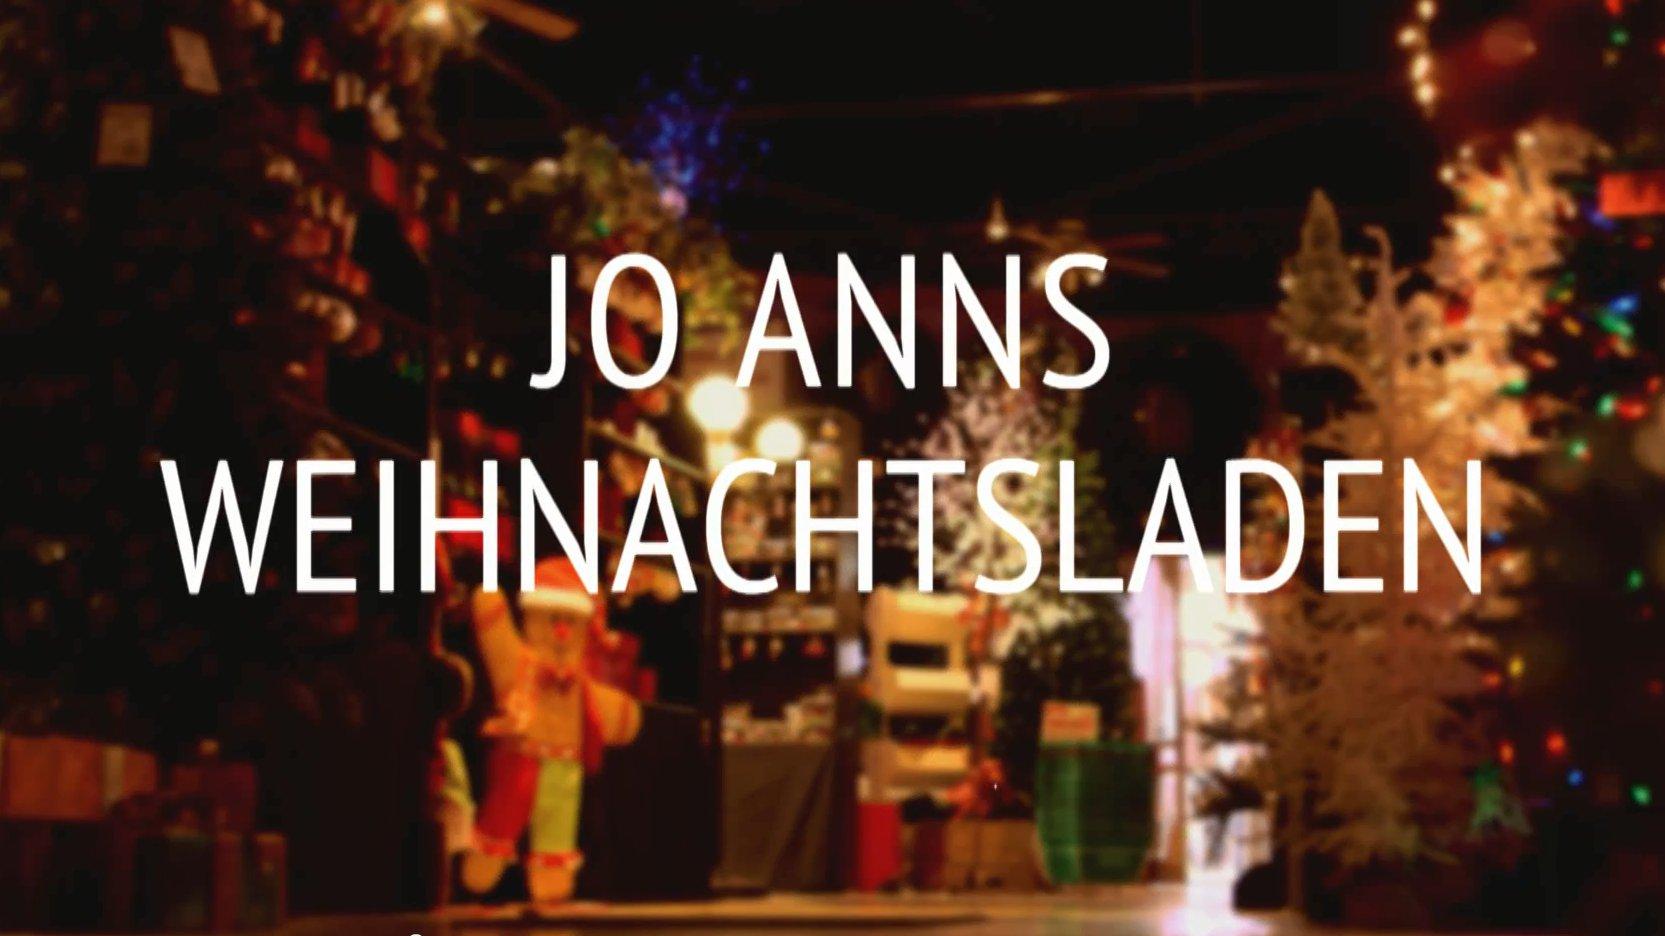 Jo Anns Weihnachtsladen in Berlin, Ohio.